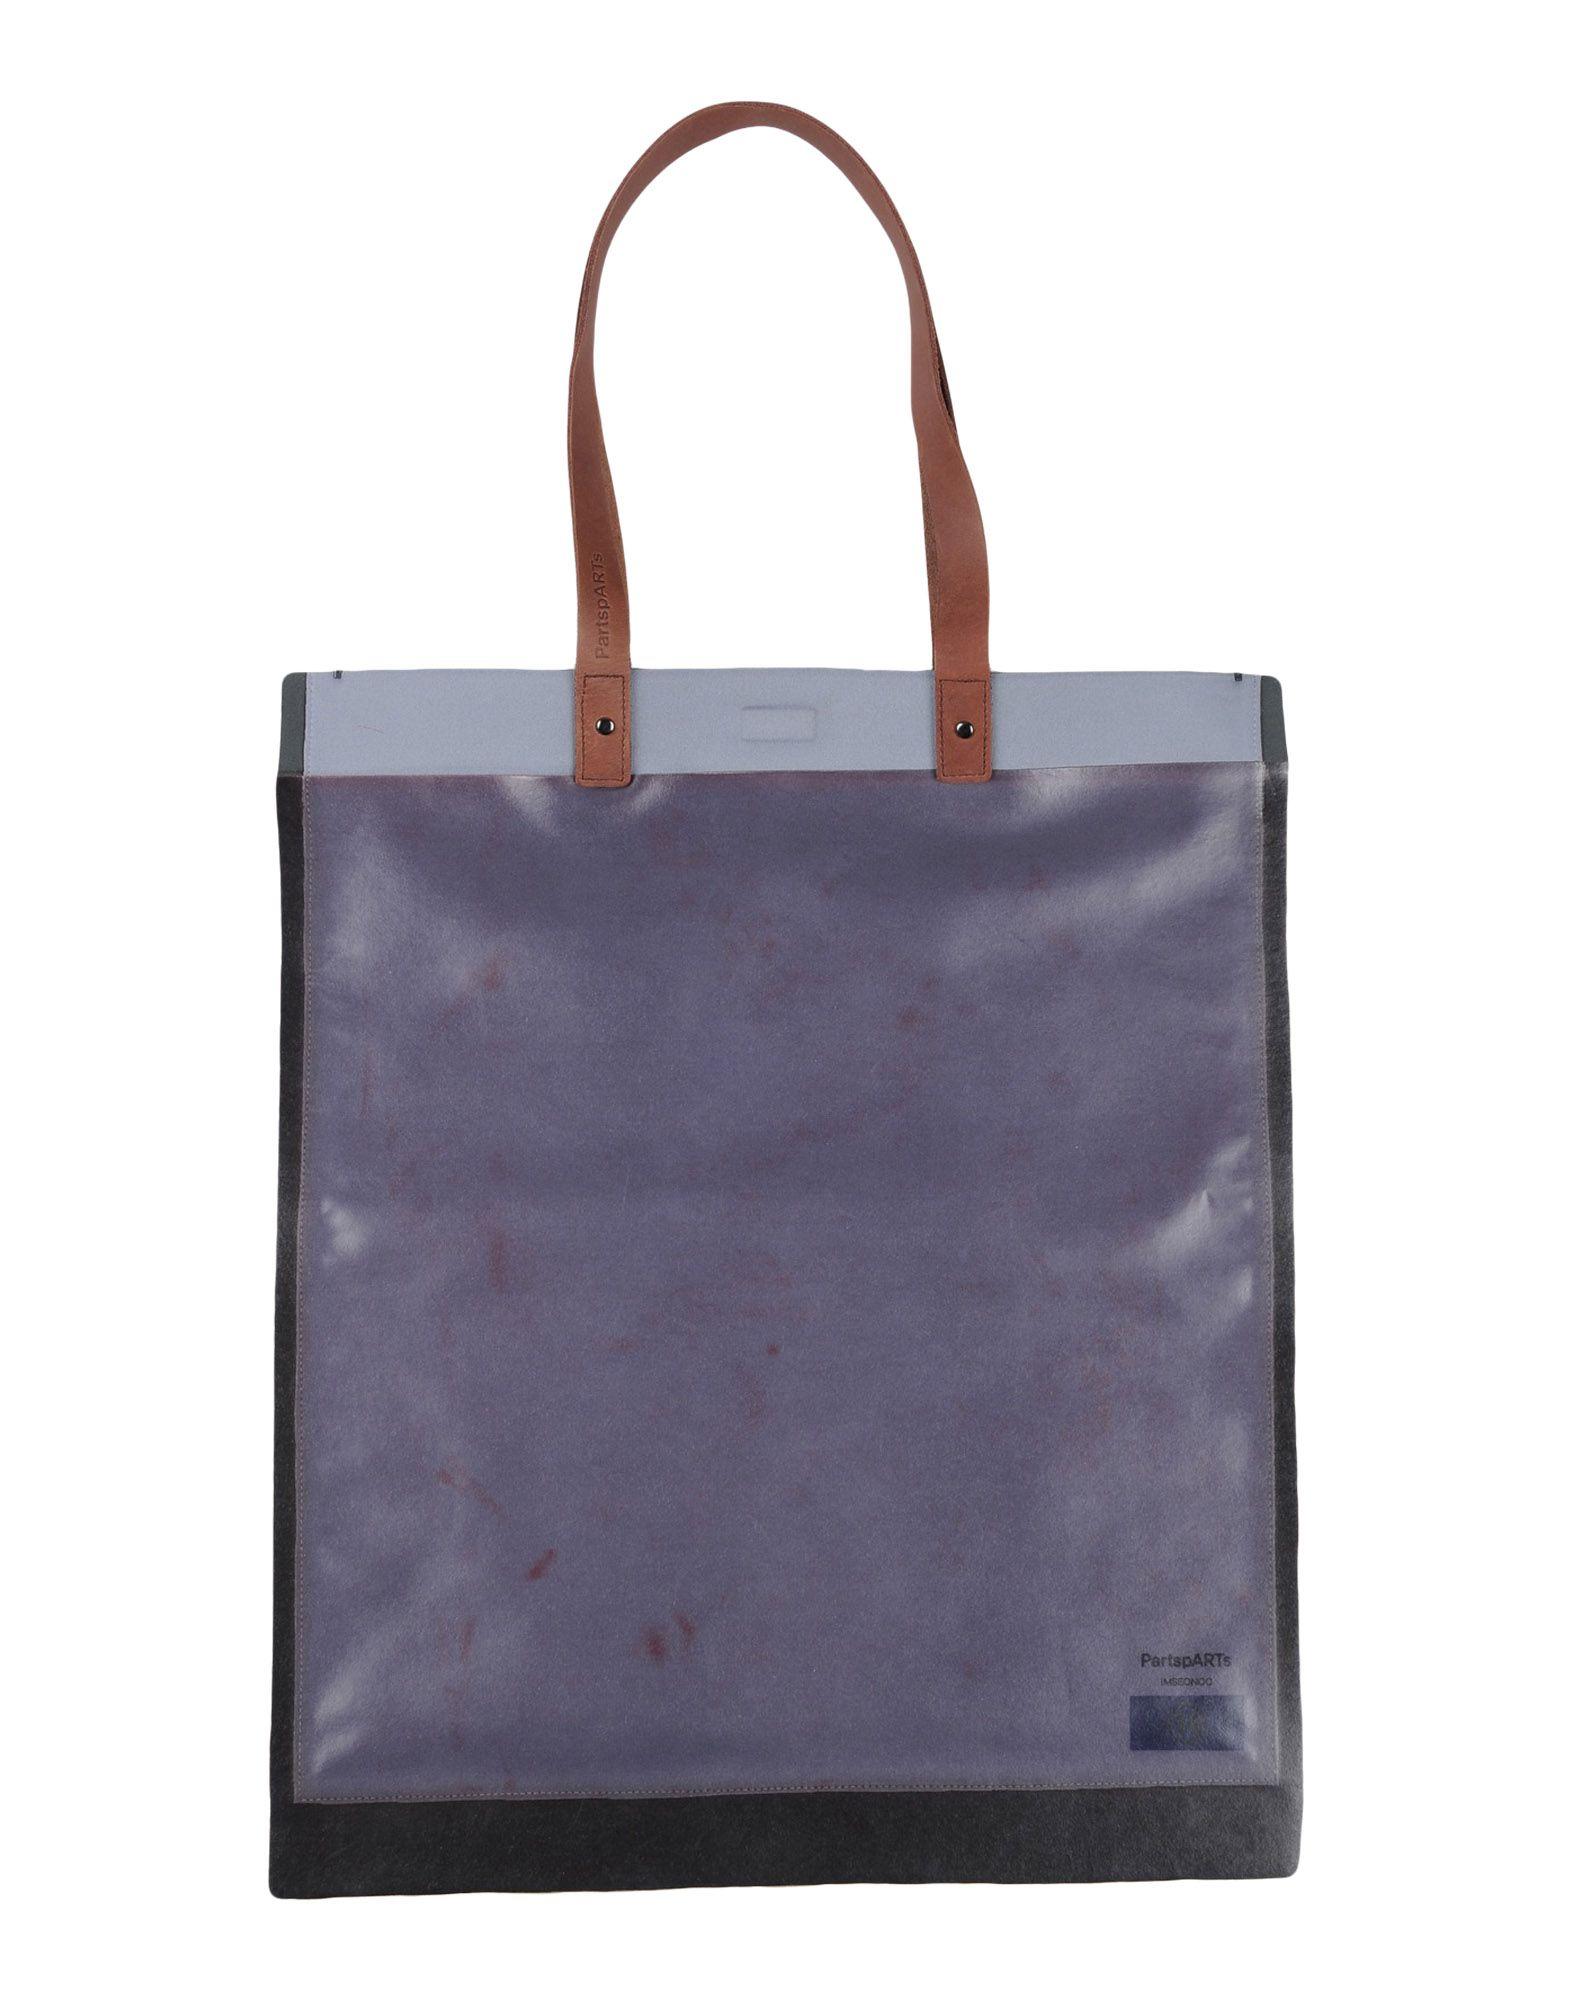 PARTSPARTS IMSEONOC Сумка на руку the cambridge satchel company сумка на руку